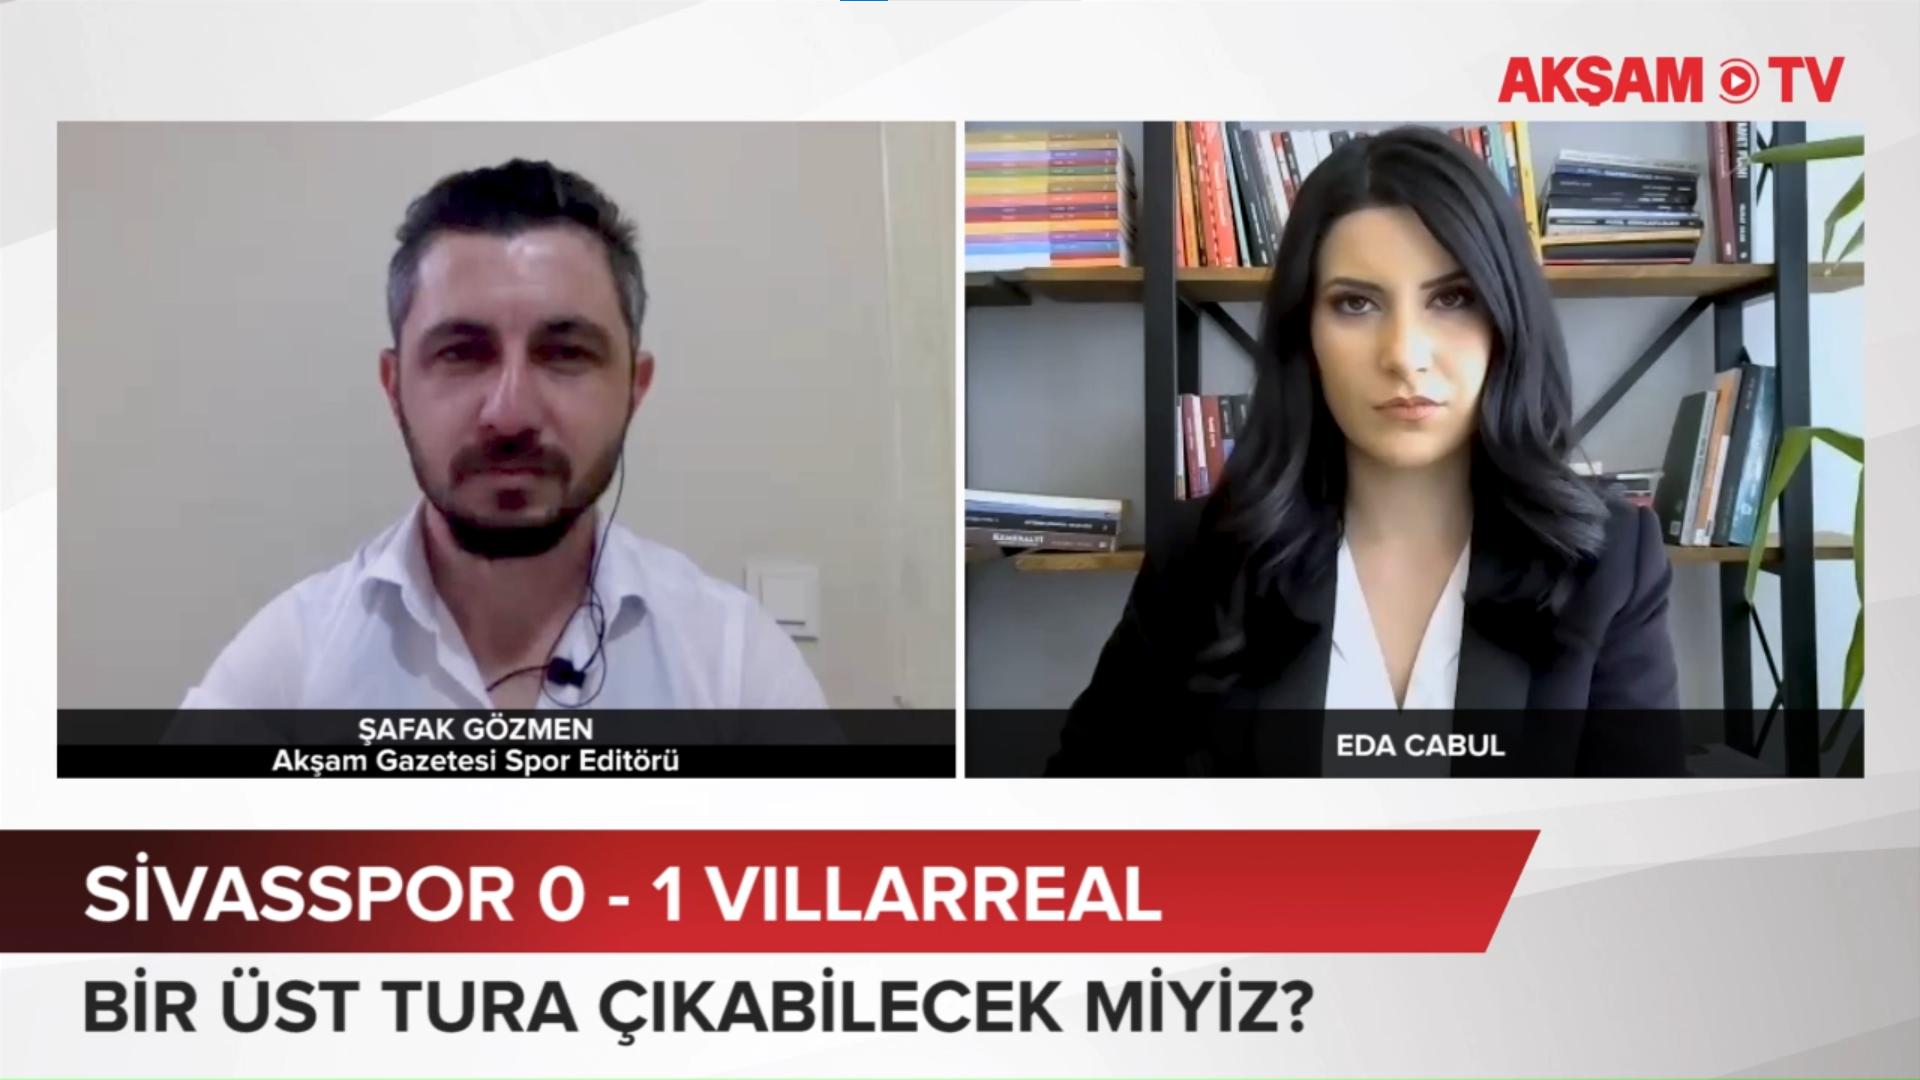 Akşam Gazetesi Spor Editörü Şafak Gözmen Sivasspor - Villarreal maçını AKŞAM TV'ye değerlendi